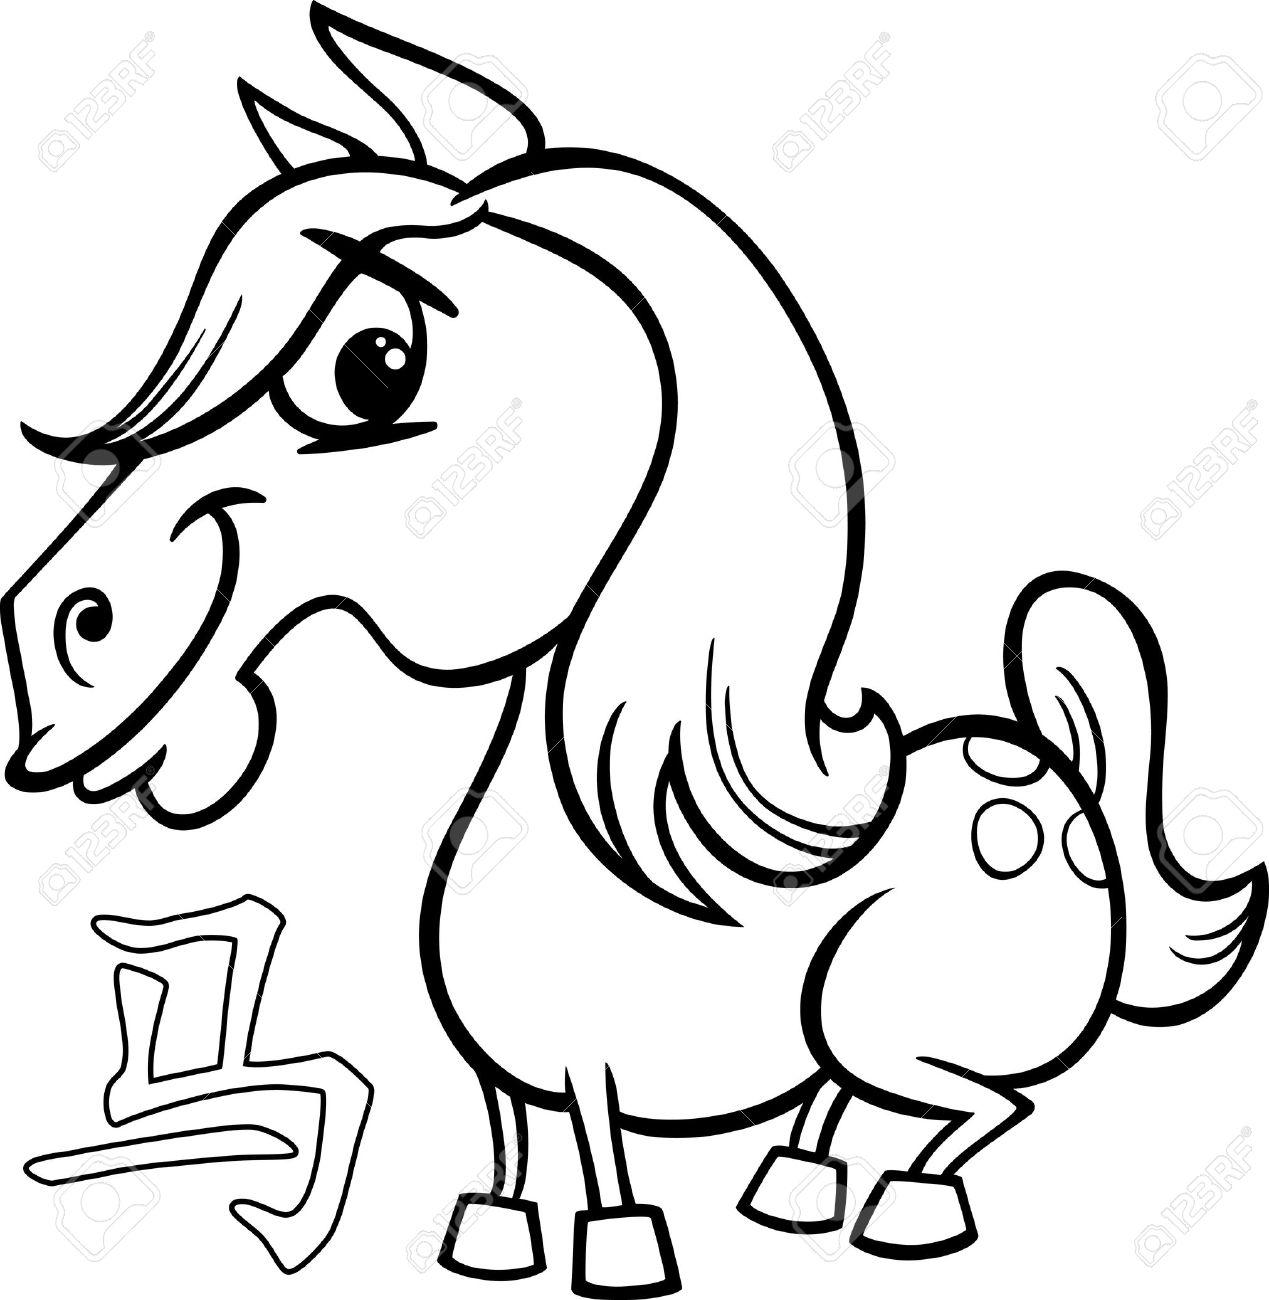 Dessin De Signe Chinois dessin animé noir et blanc illustration de cheval horoscope chinois